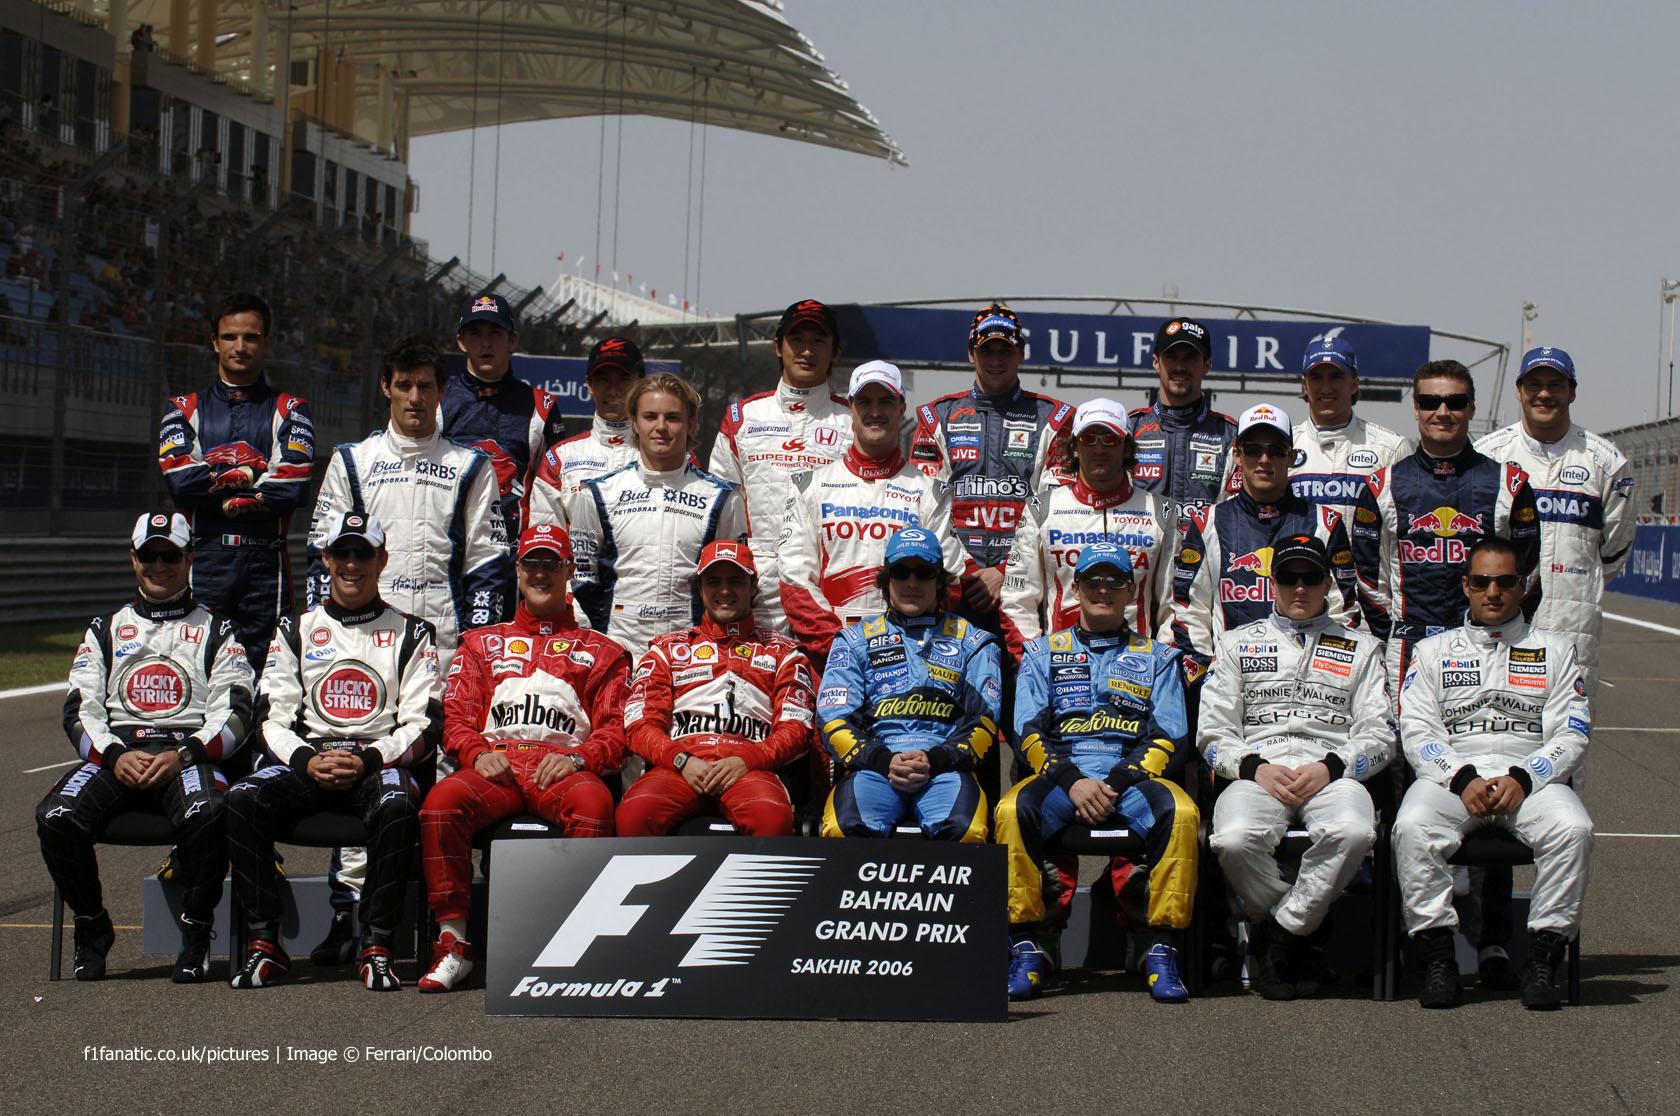 Drivers, Bahrain, 2006